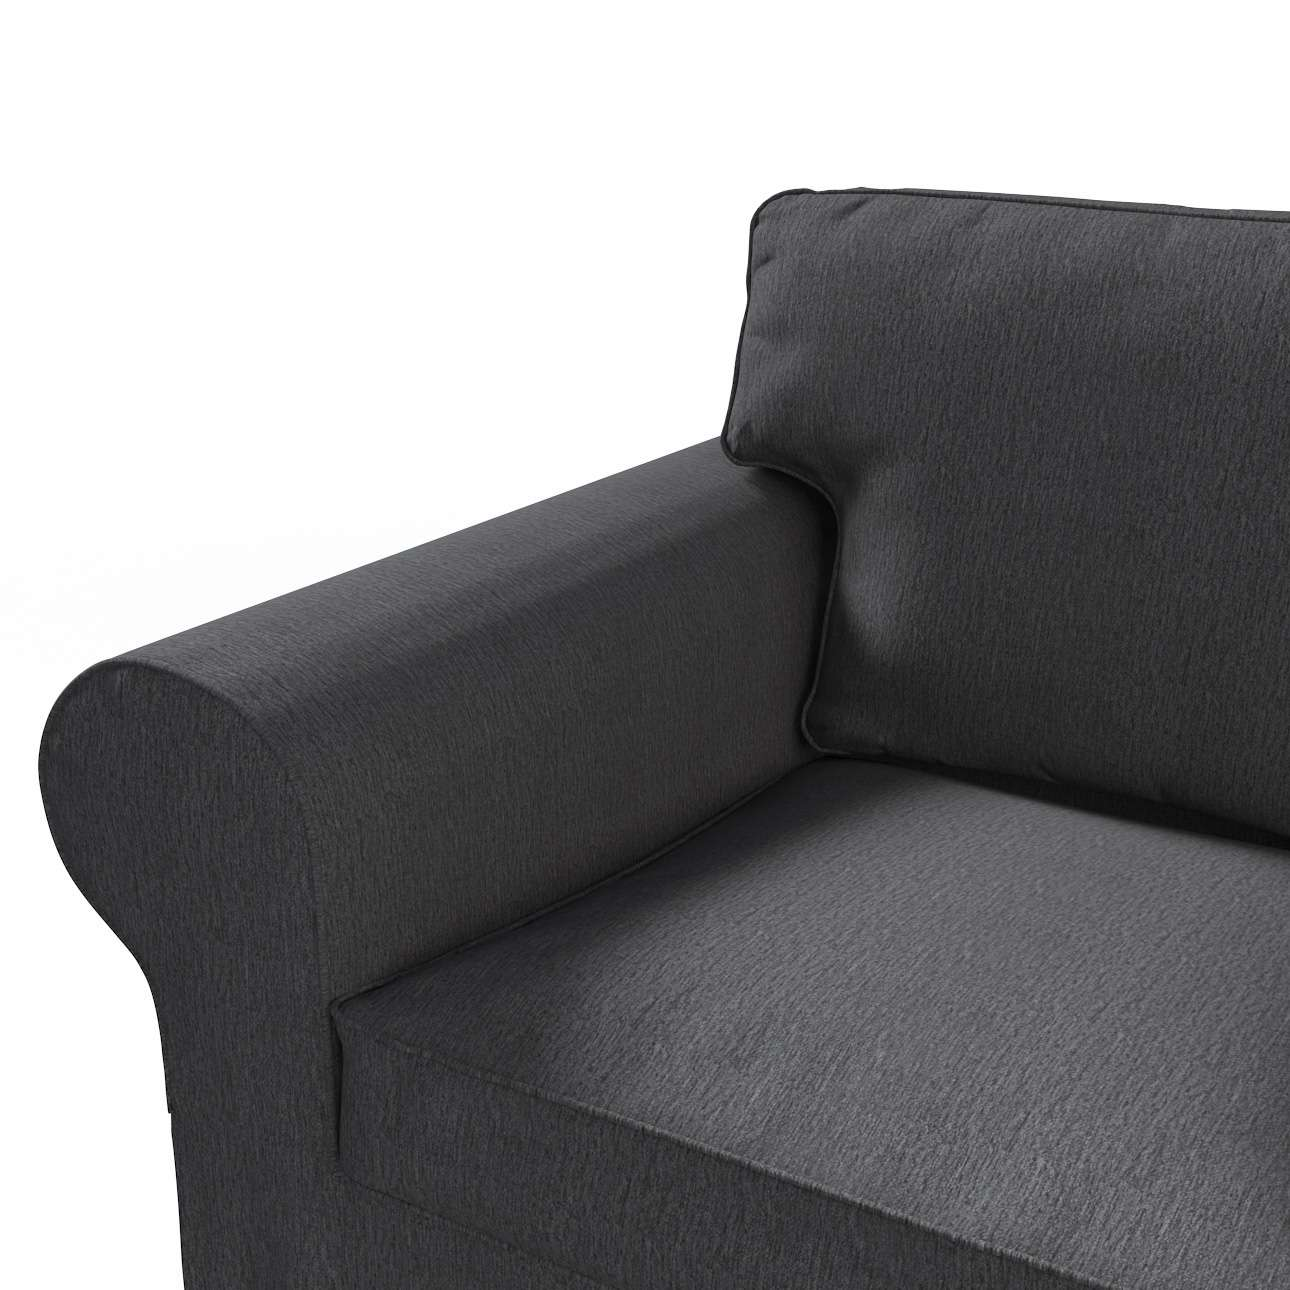 Pokrowiec na sofę Ektorp 2-osobową rozkładana NOWY MODEL 2012 sofa ektorp 2-osobowa rozkładana NOWY MODEL w kolekcji Chenille, tkanina: 702-20